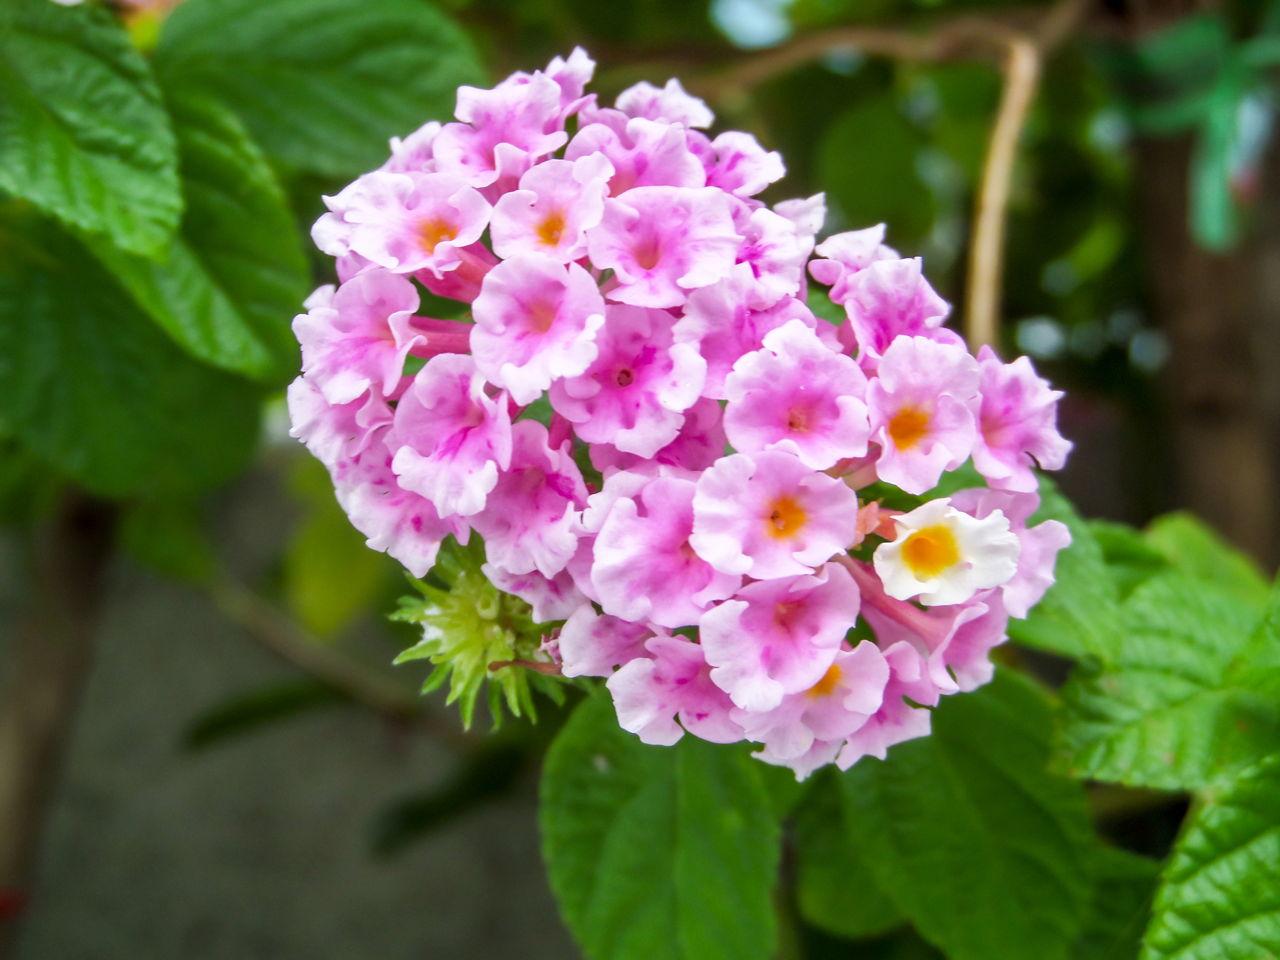 Flowering Plants Vs. Non-flowering Plants